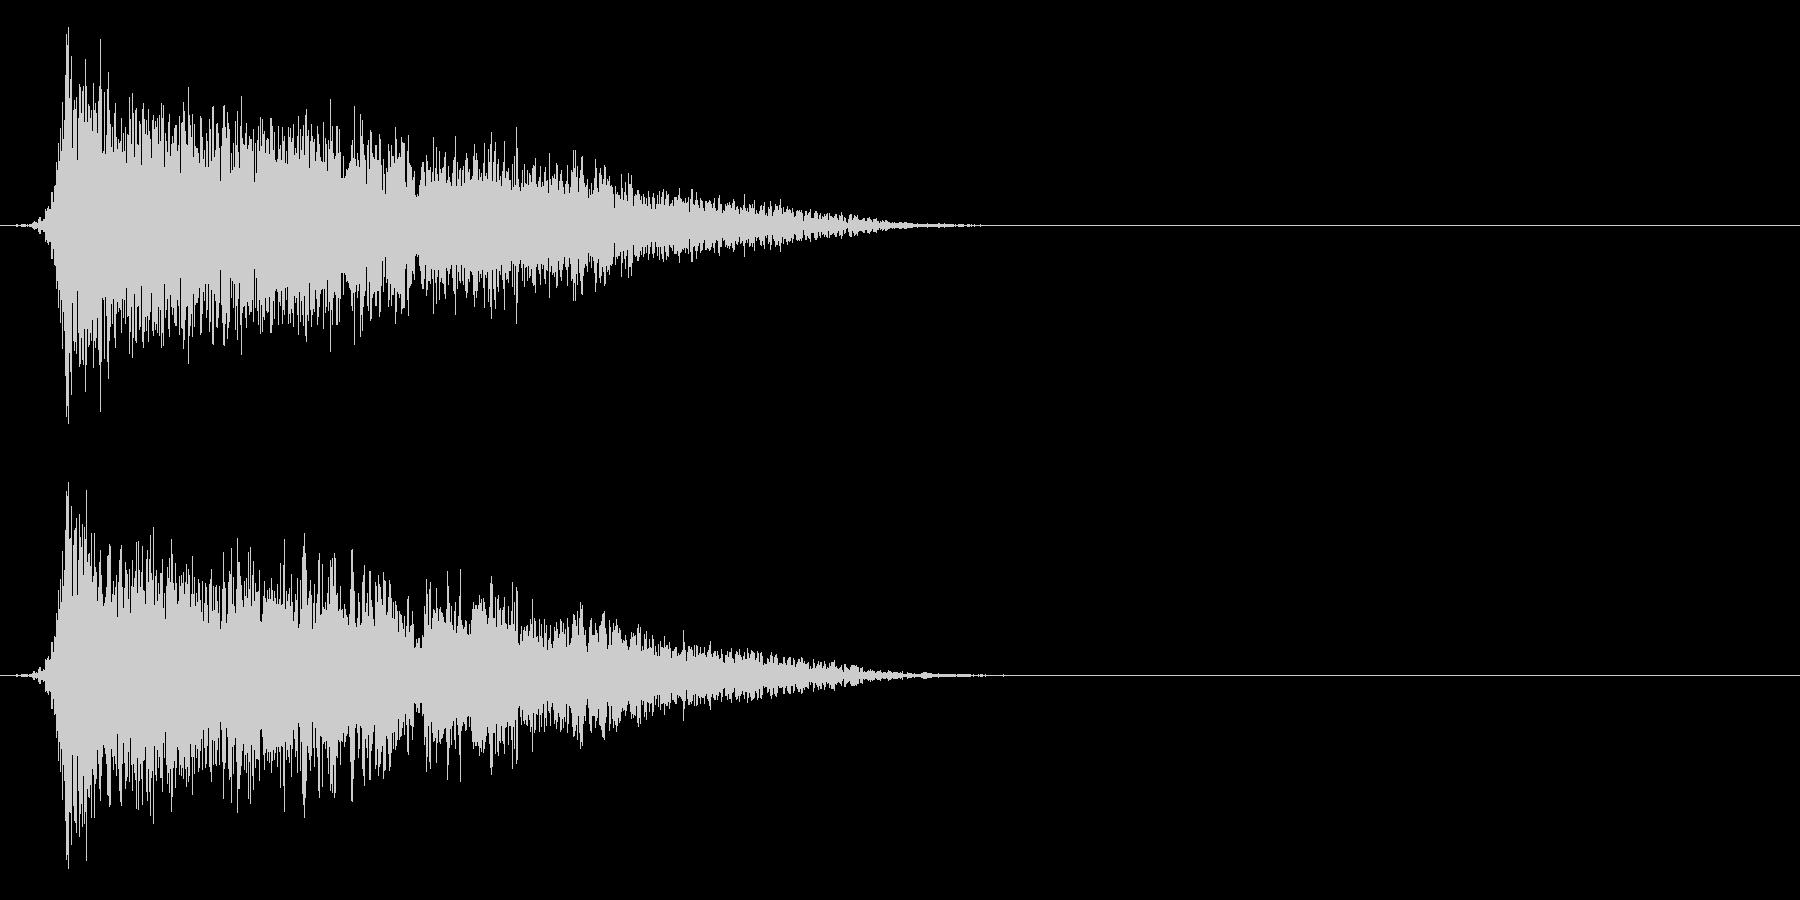 コミカルなダッシュ!ジャンプの効果音5cの未再生の波形